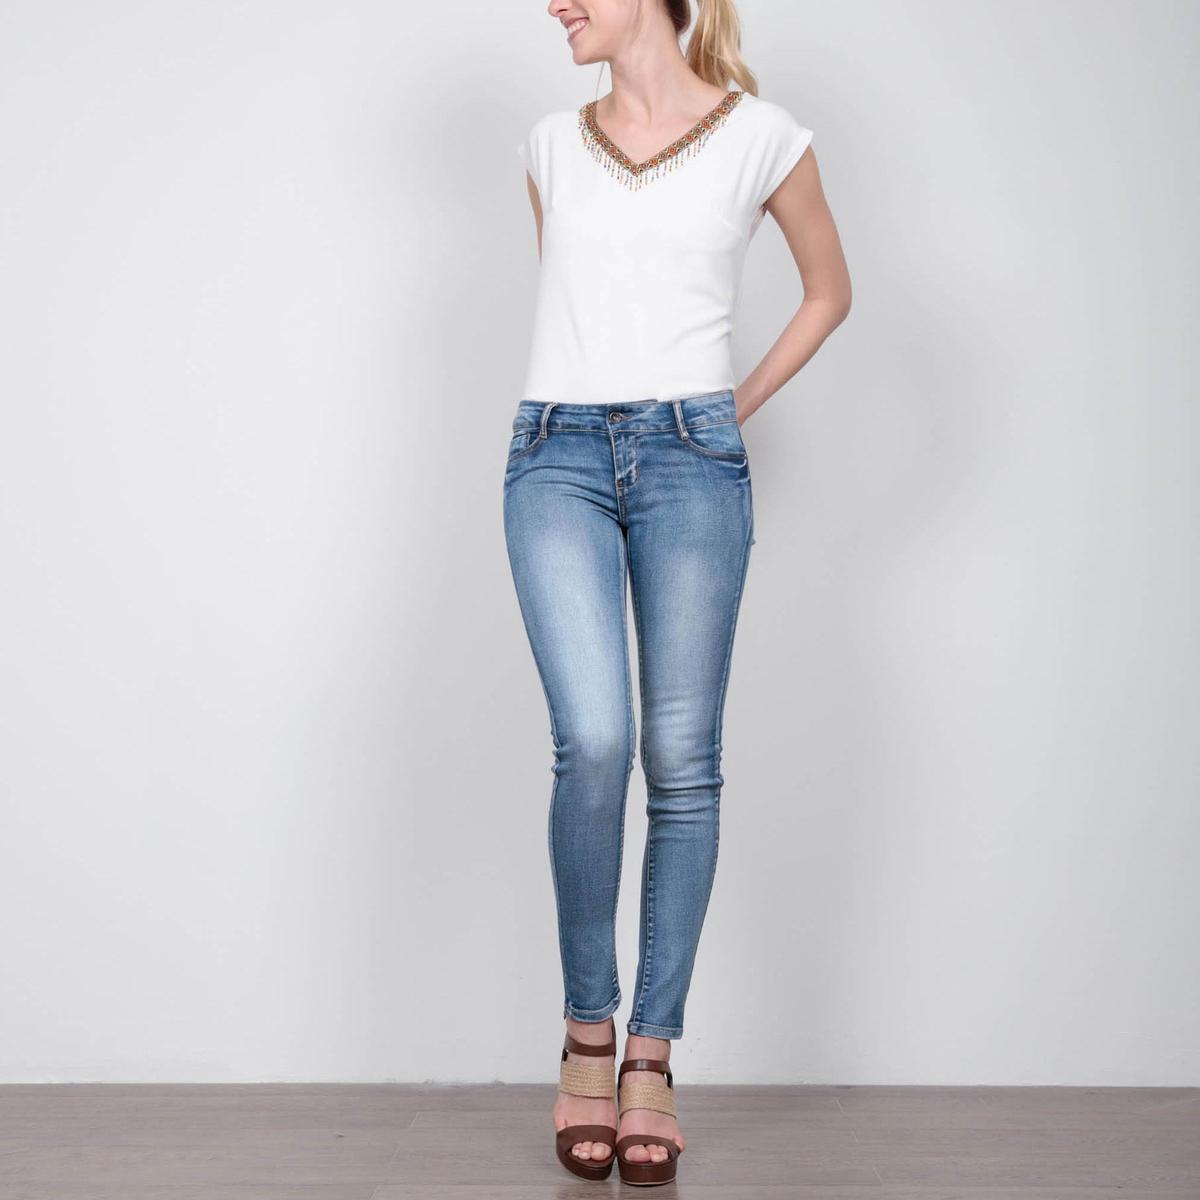 Джинсы скинни, длина 32 джинсы скинни дл 32 morgan